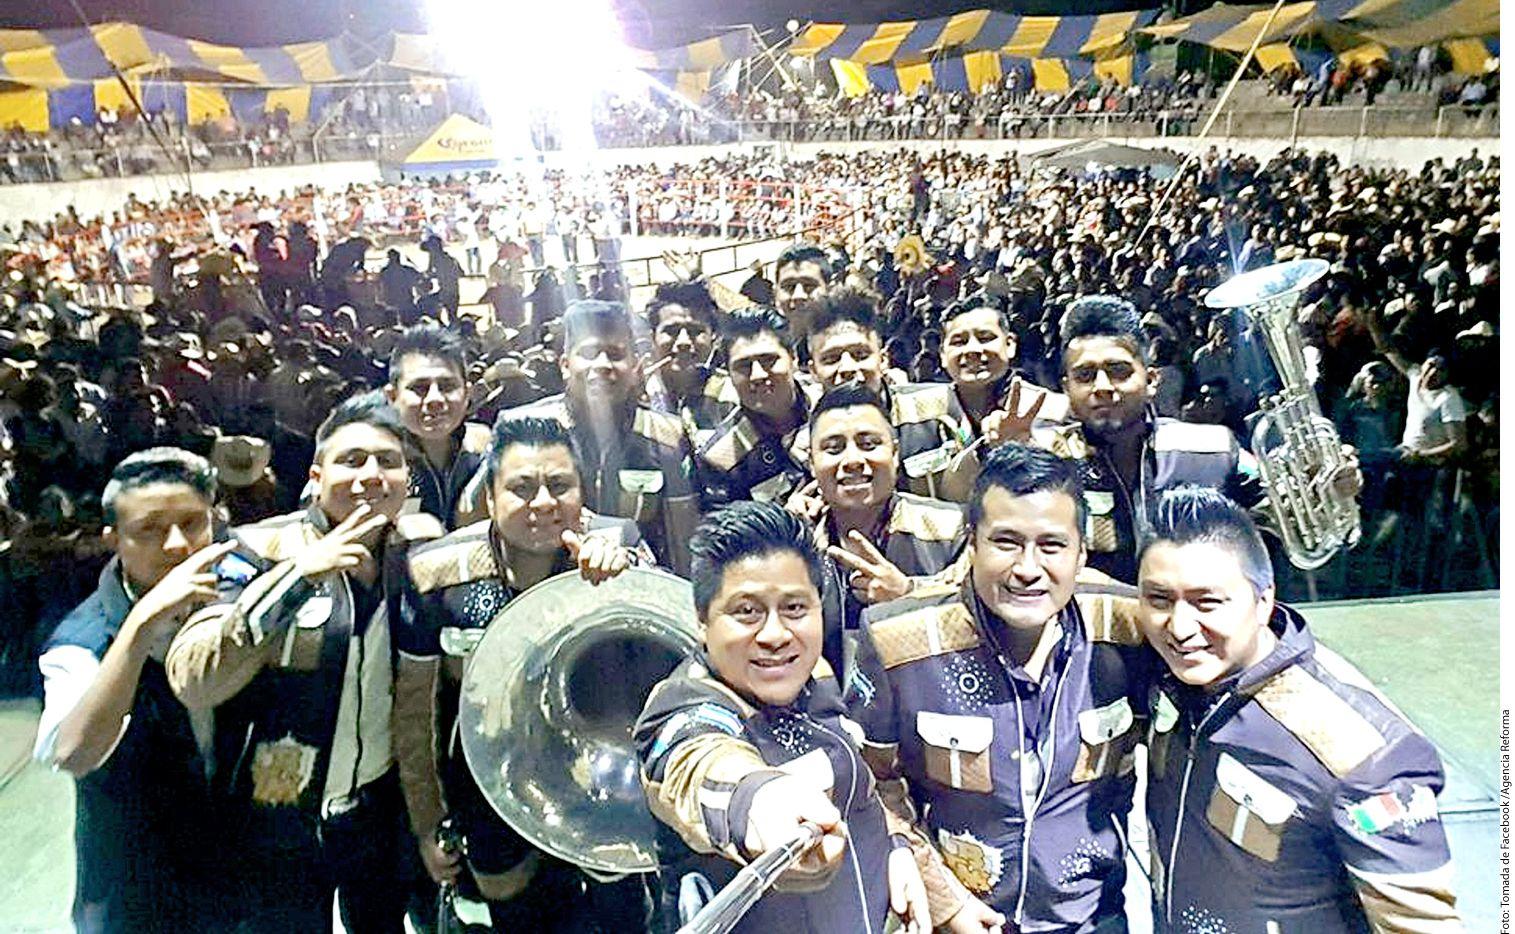 Virgilio Ruiz García (al frente), líder d ela banda Tierra Mojada, murió de un balazo./ AGENCIA REFORMA